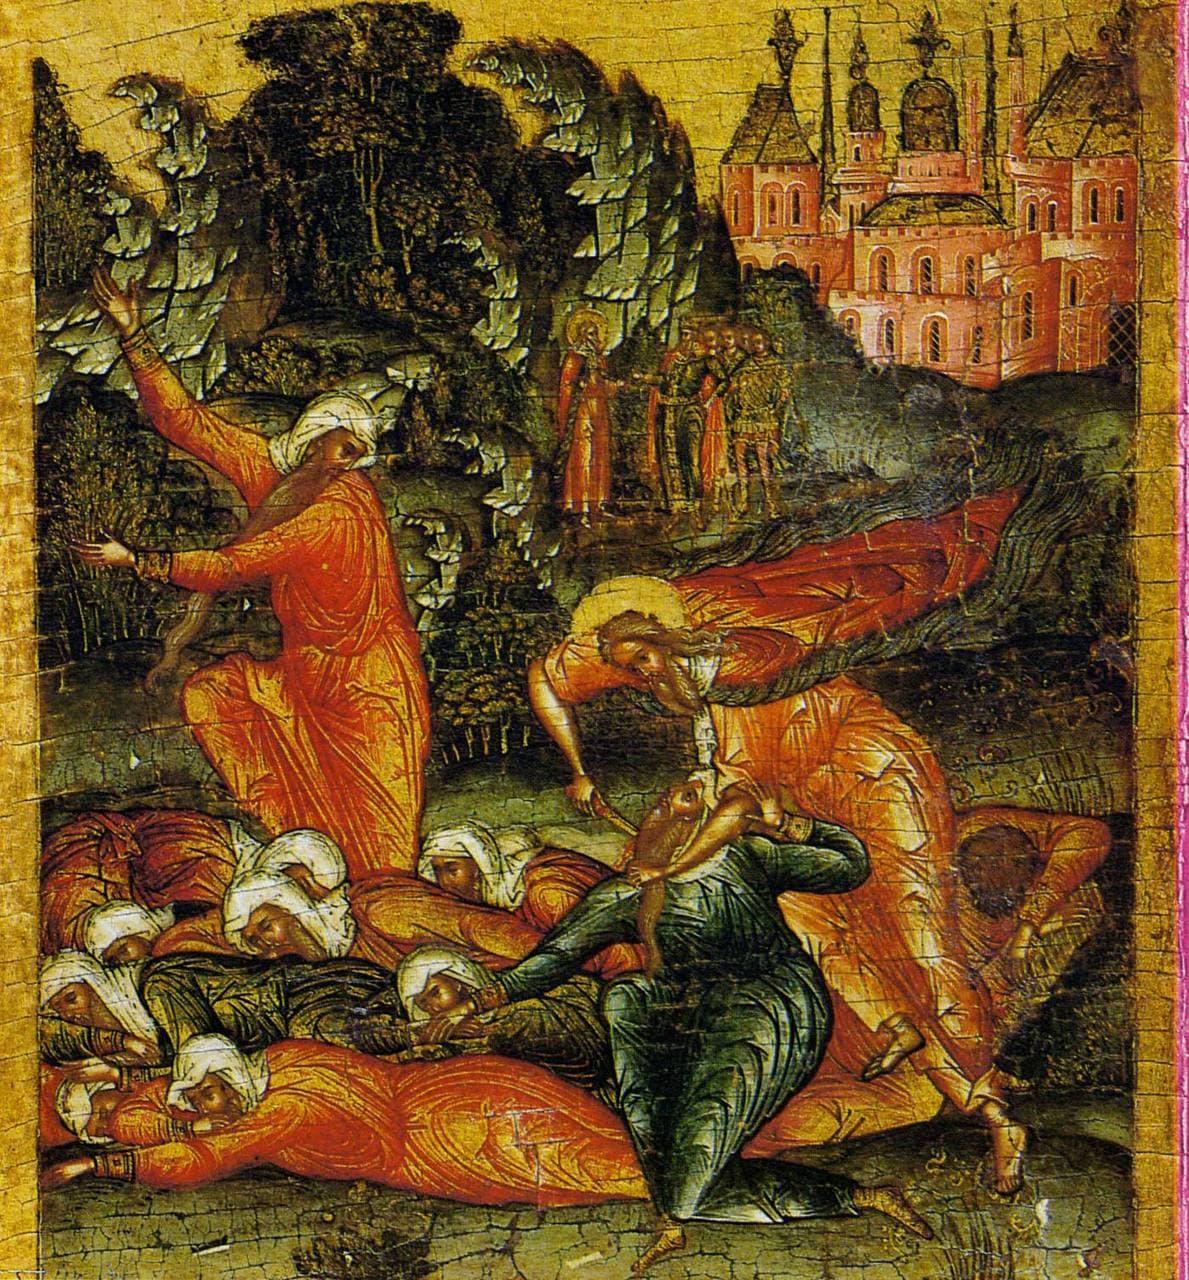 ilya-prorok-obyasnyaet-zhreczam-boga-vaala-vsyu-glubinu-ih-padeniya-min